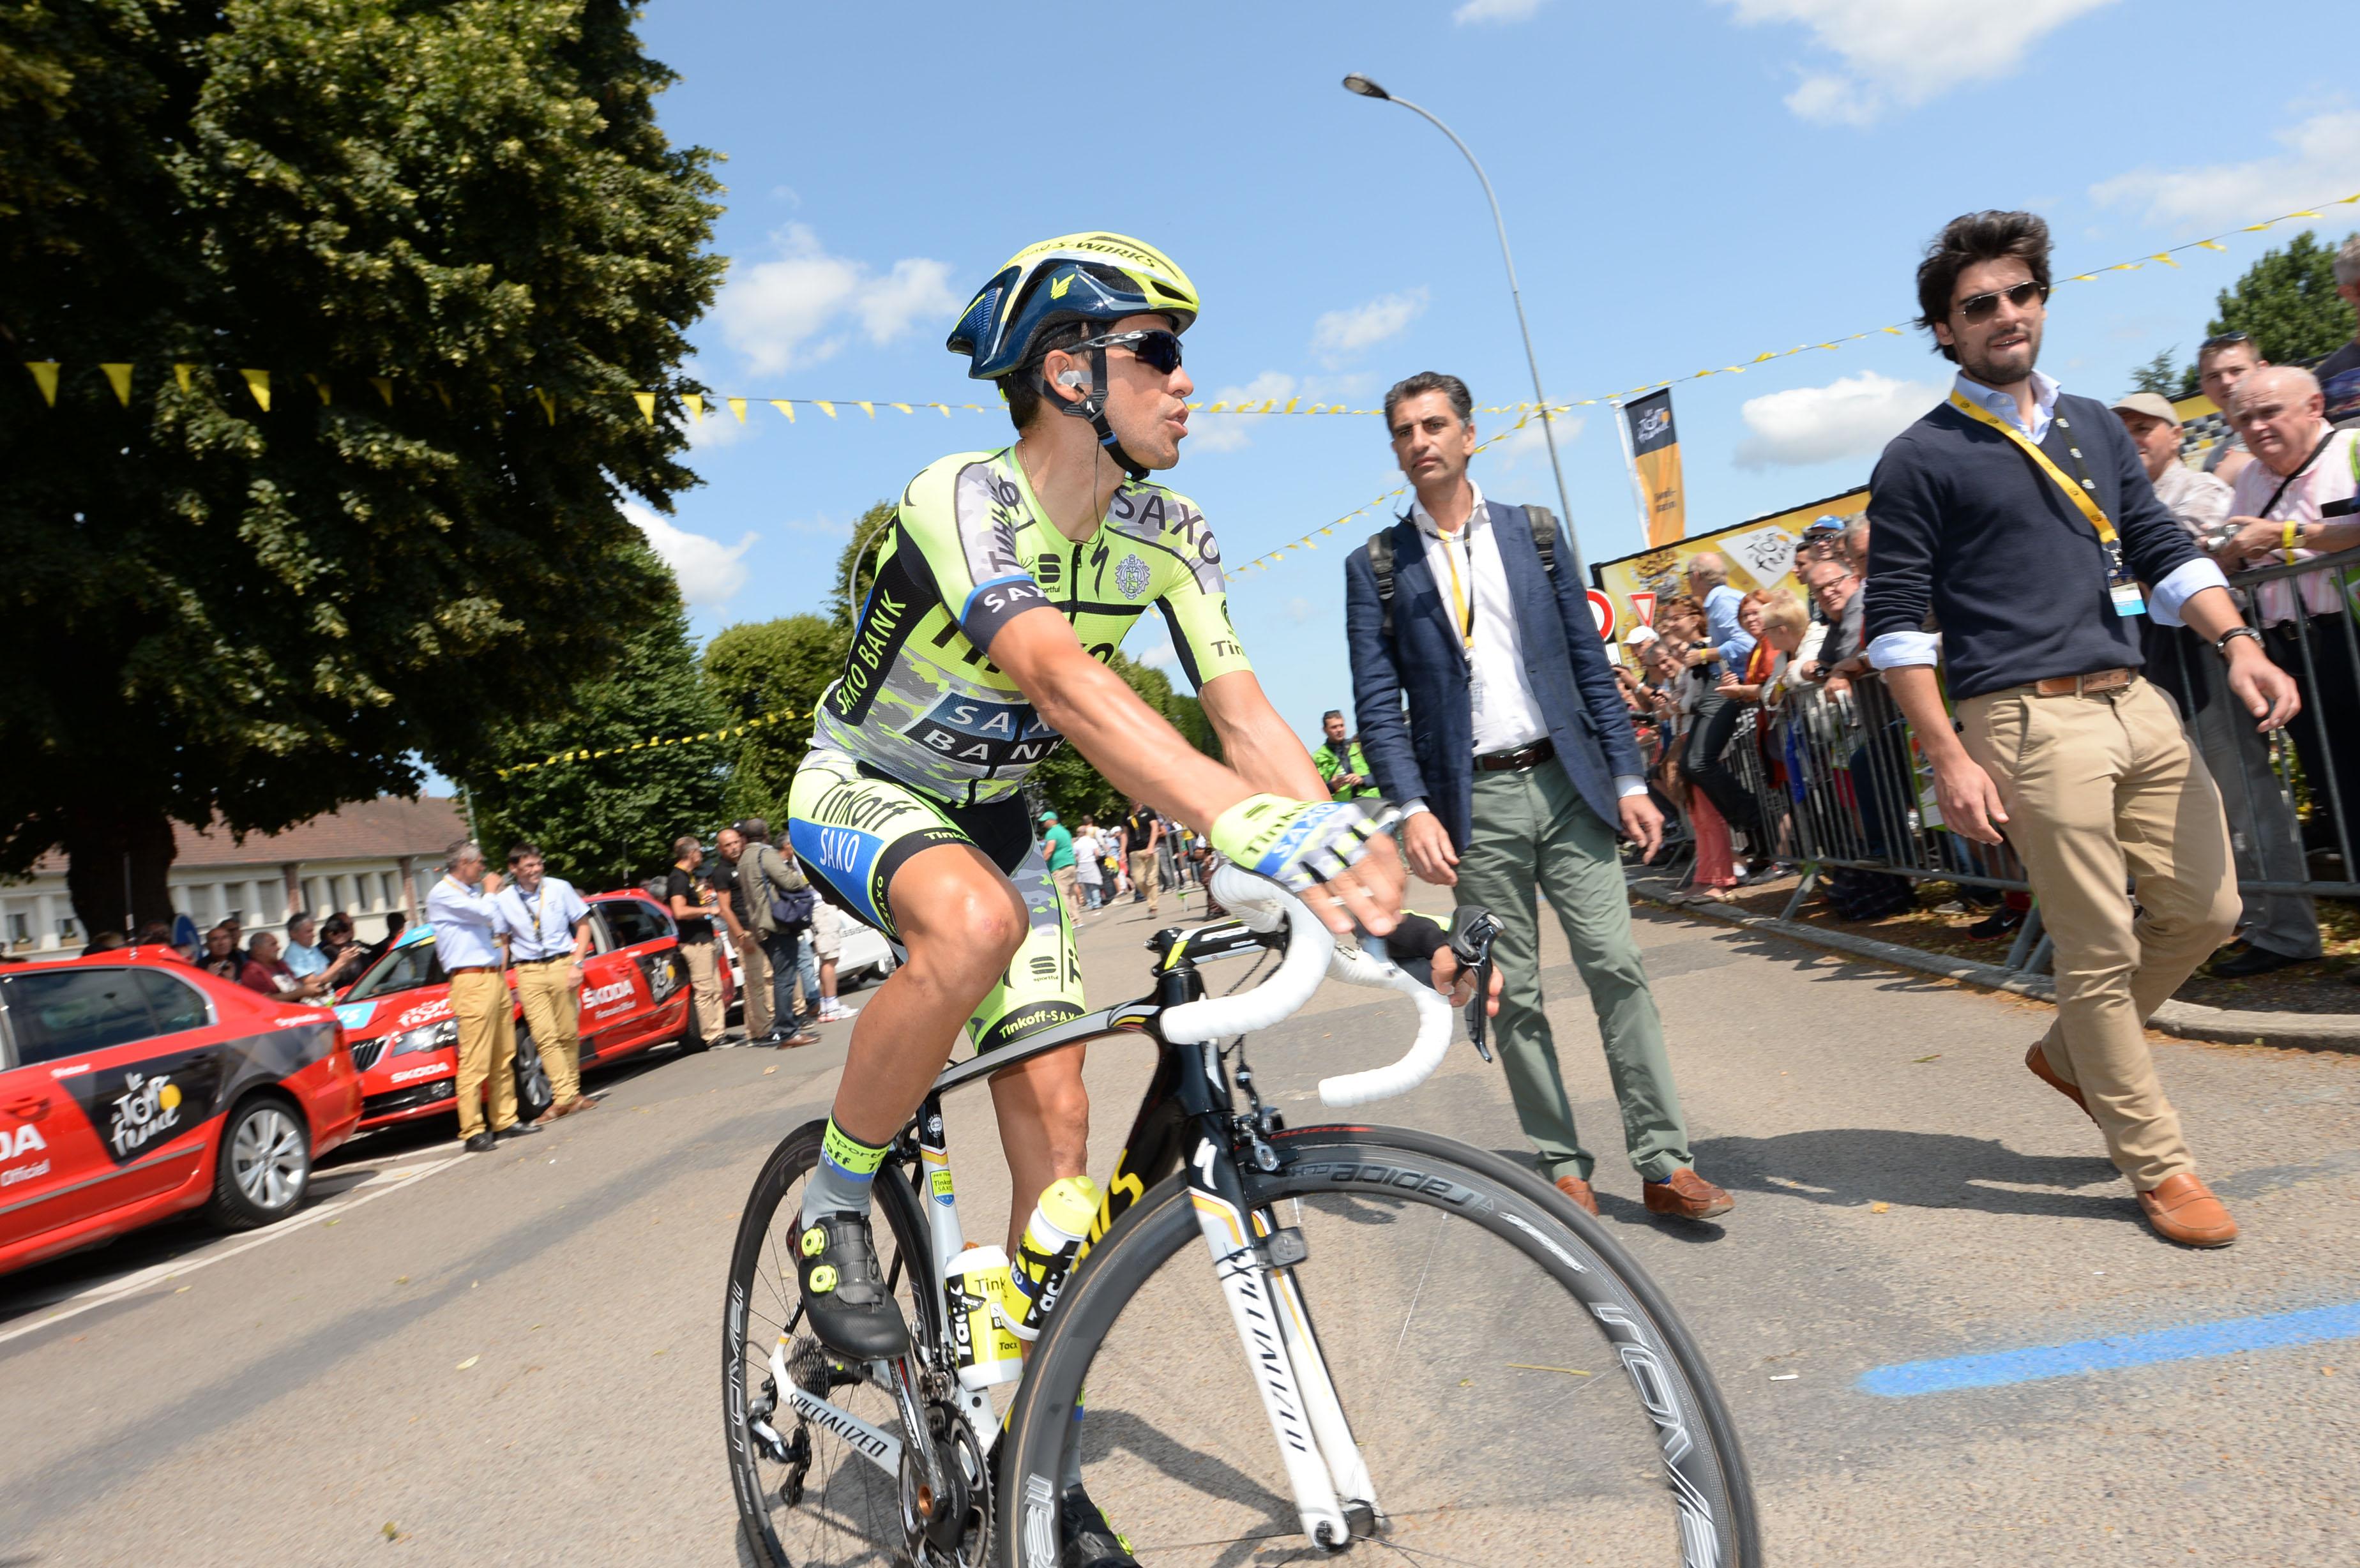 Tour de France 2015 - Alberto Contador